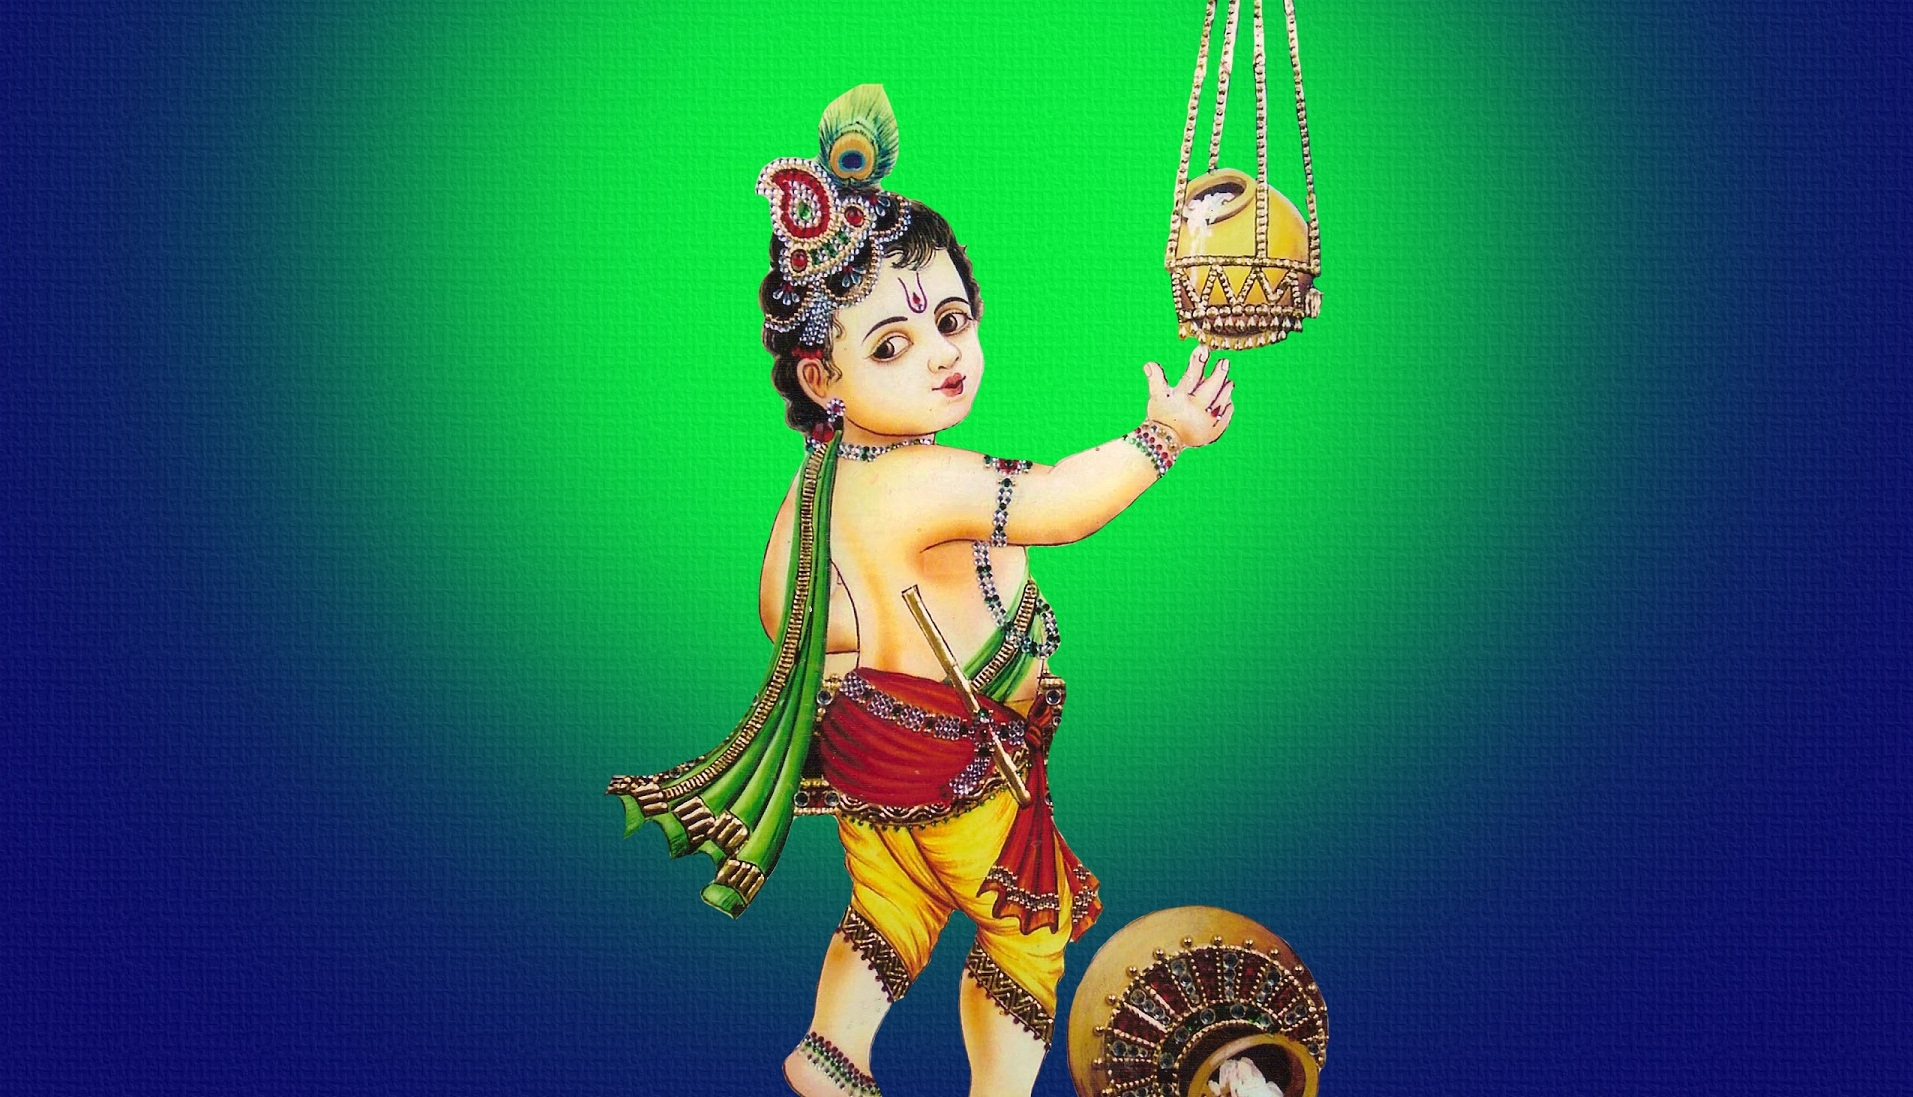 Shree-Krishna-makhan-chor